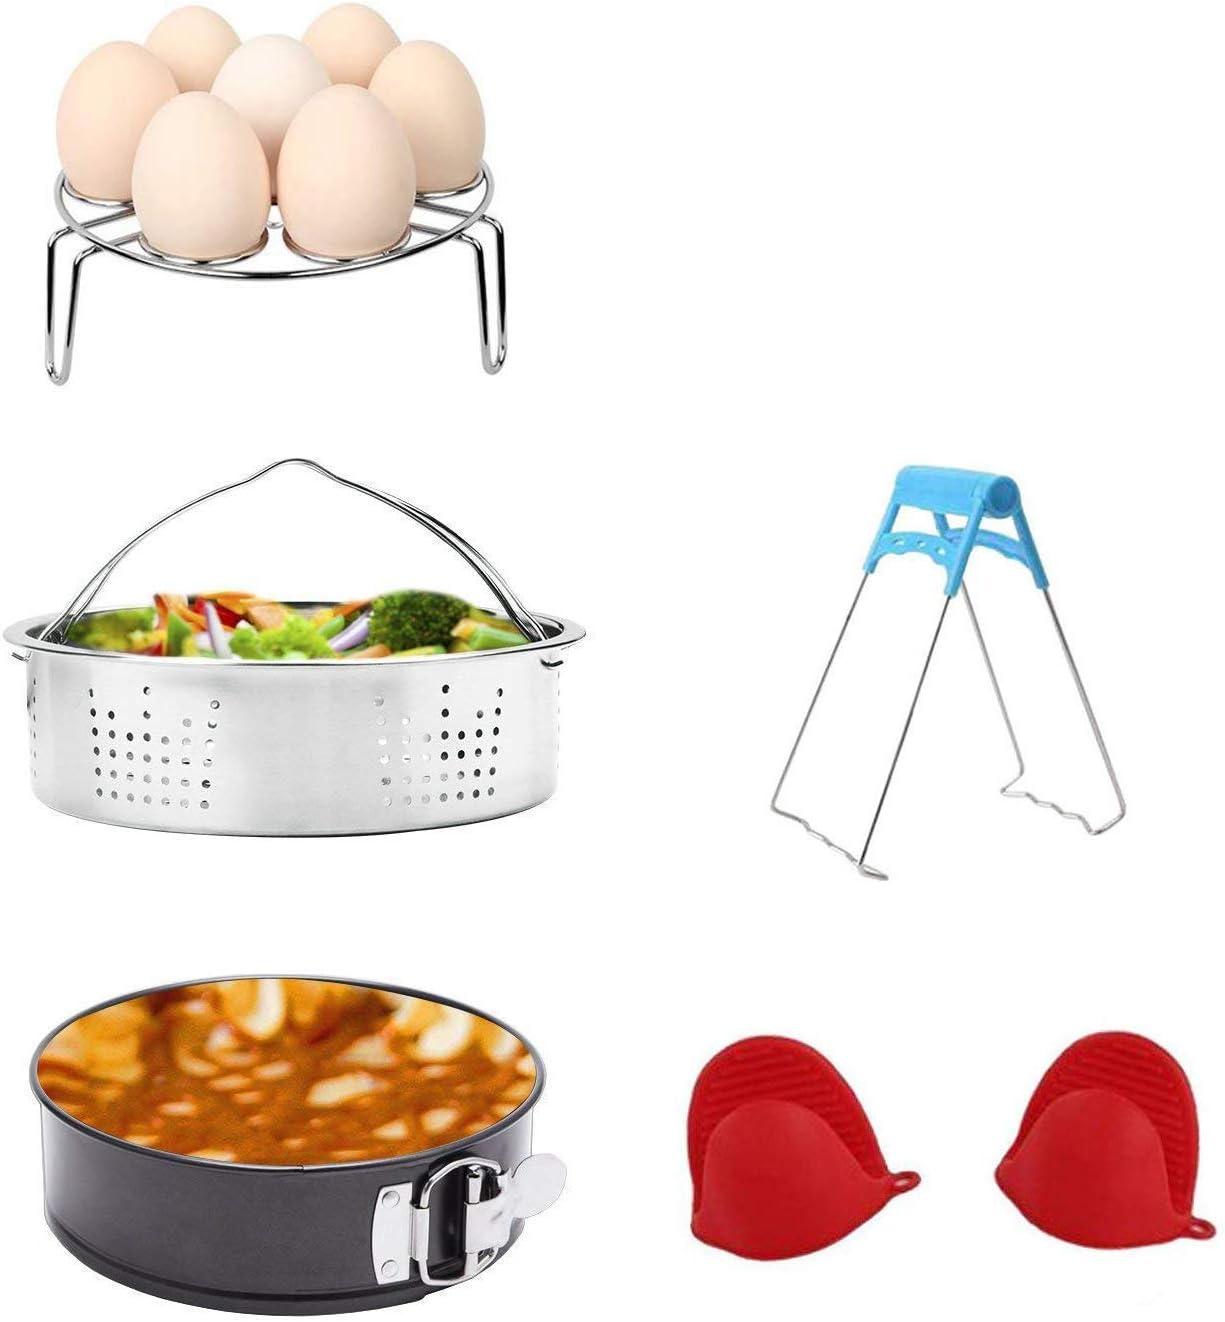 Juego de accesorios para ollas instantáneas con cesta de vapor/huevo para vaporizador/bandeja antiadherente de muelles/soporte de equipamiento/1 par de manoplas de silicona para olla de cocina, 5 piezas, apto para ollas de